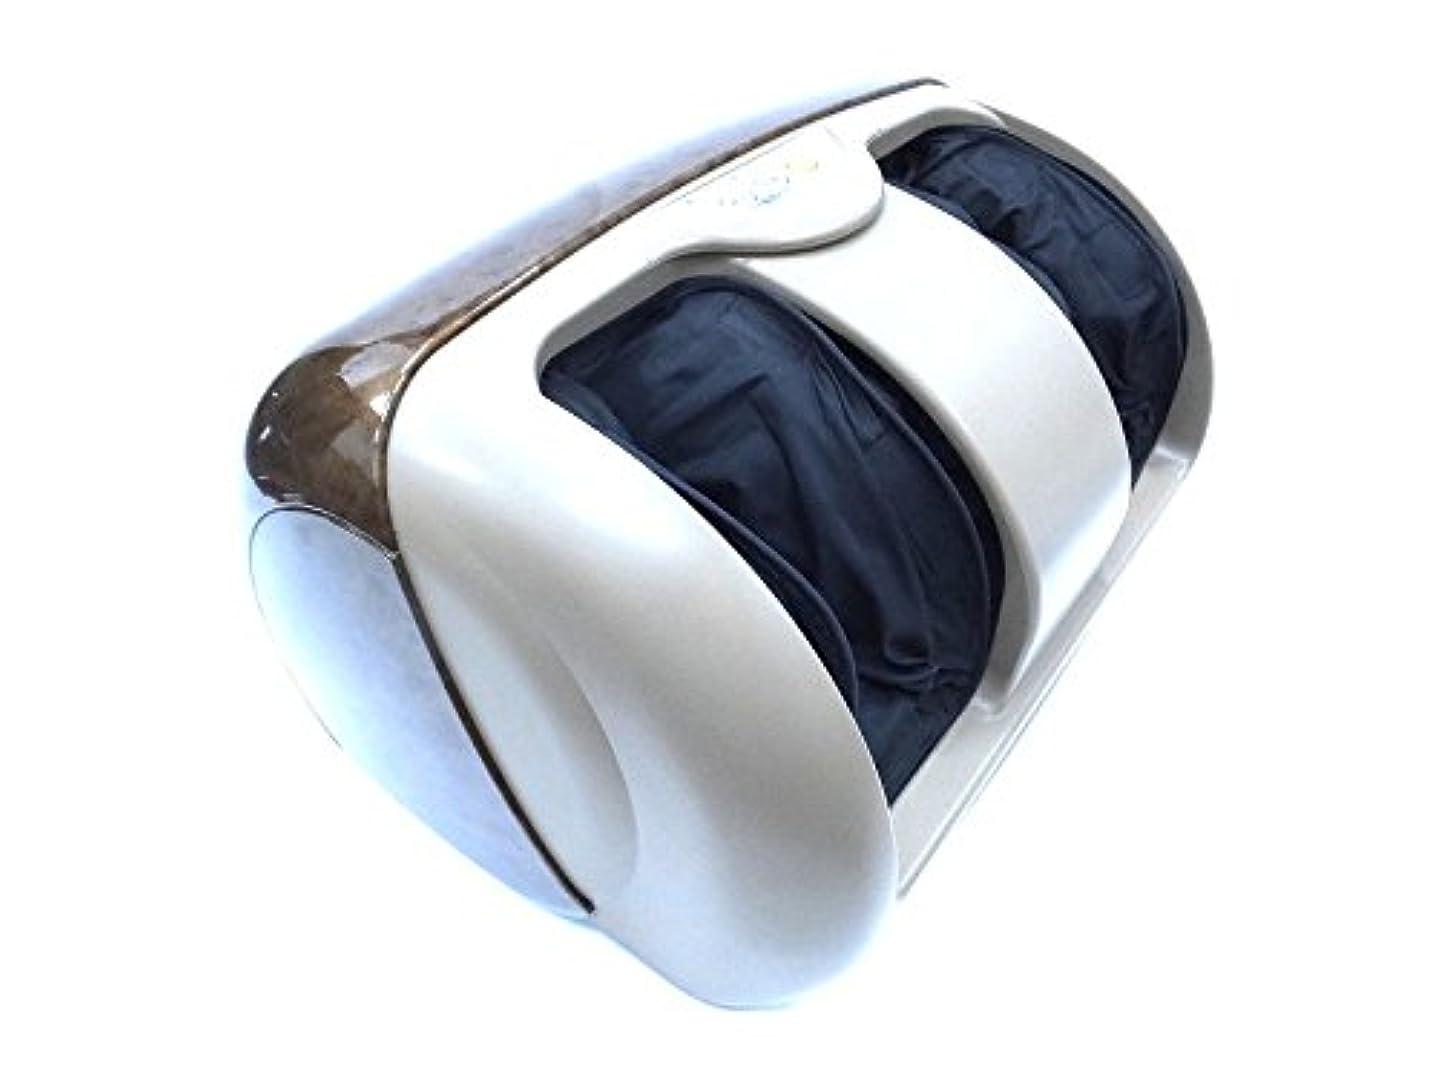 静かに東離婚フランス総合医療 マルタカテクノ RF01 リフレフット フットマッサージャー (家庭用足マッサージ機)